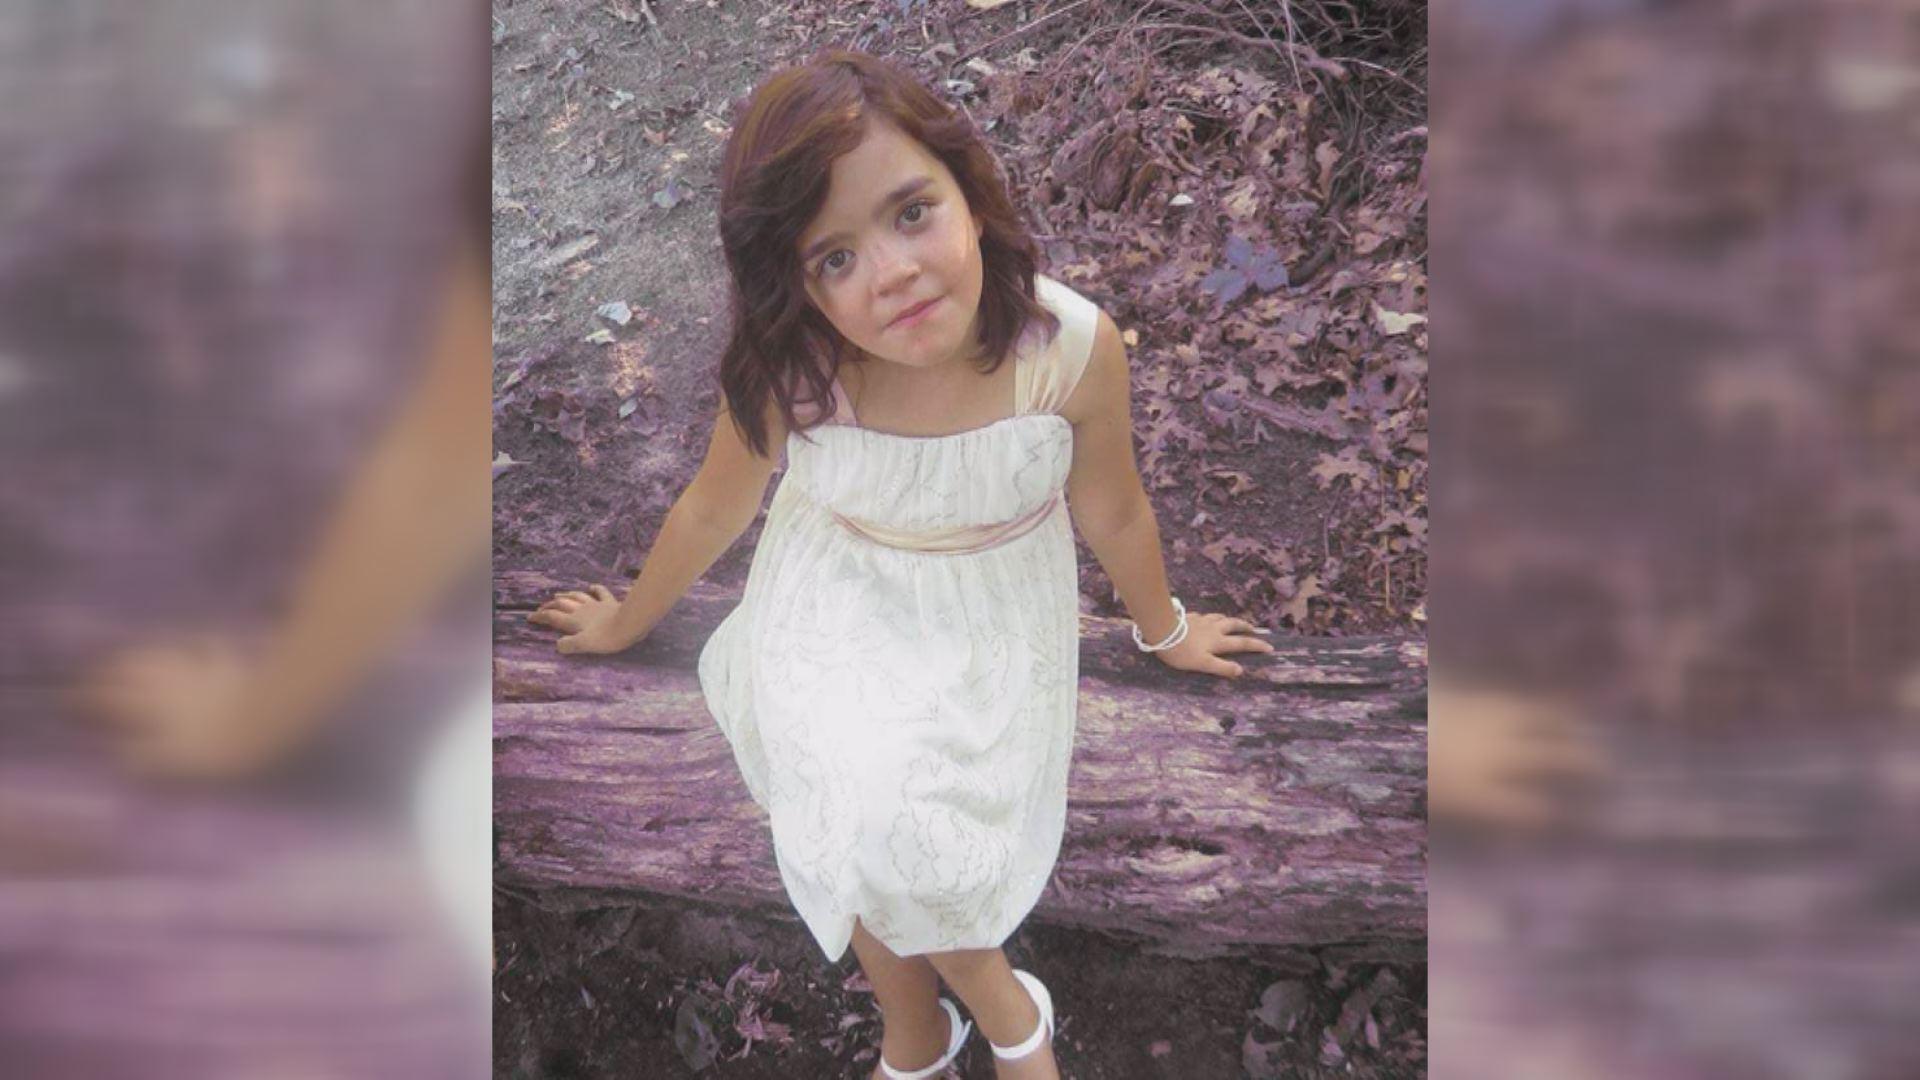 La famille d'une petite fille décédée d'une méningite demande aux parents de vérifier les symptômes